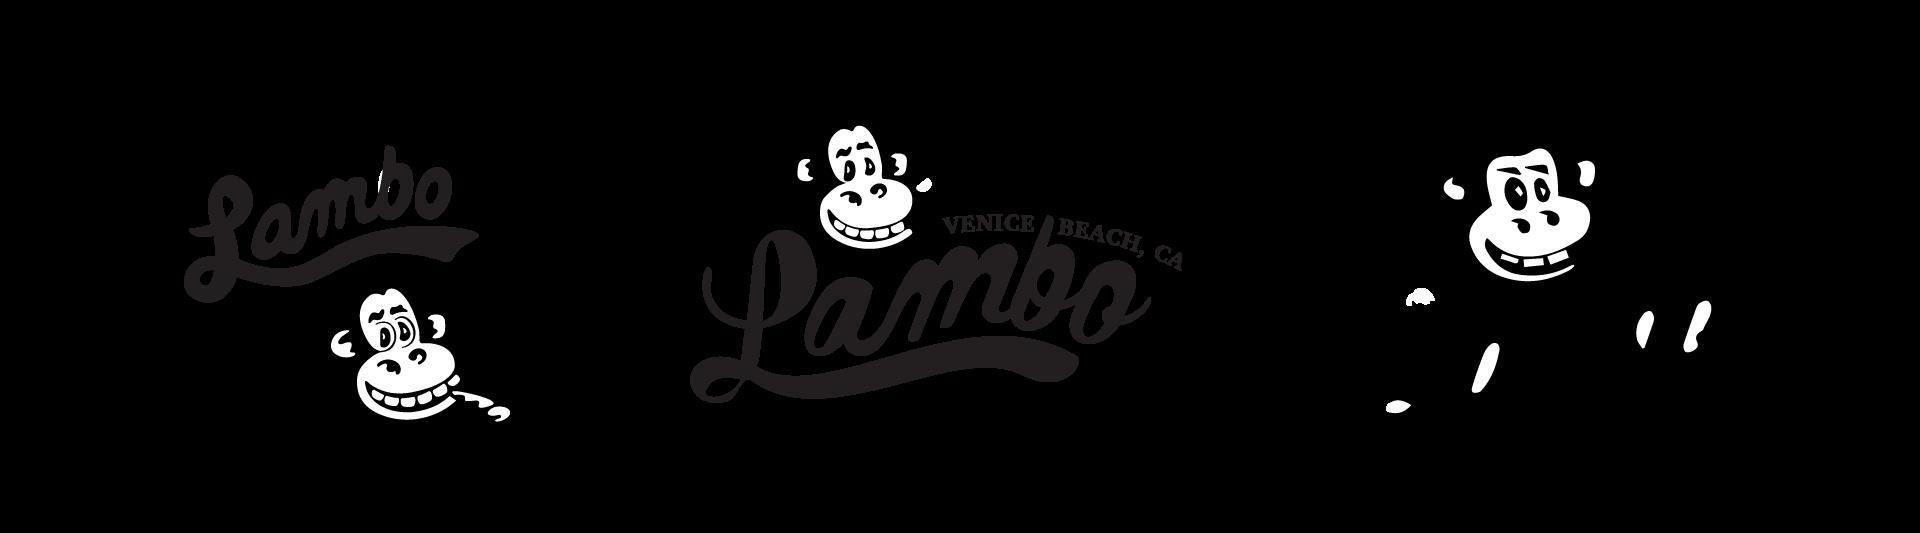 Lambo-2019.png